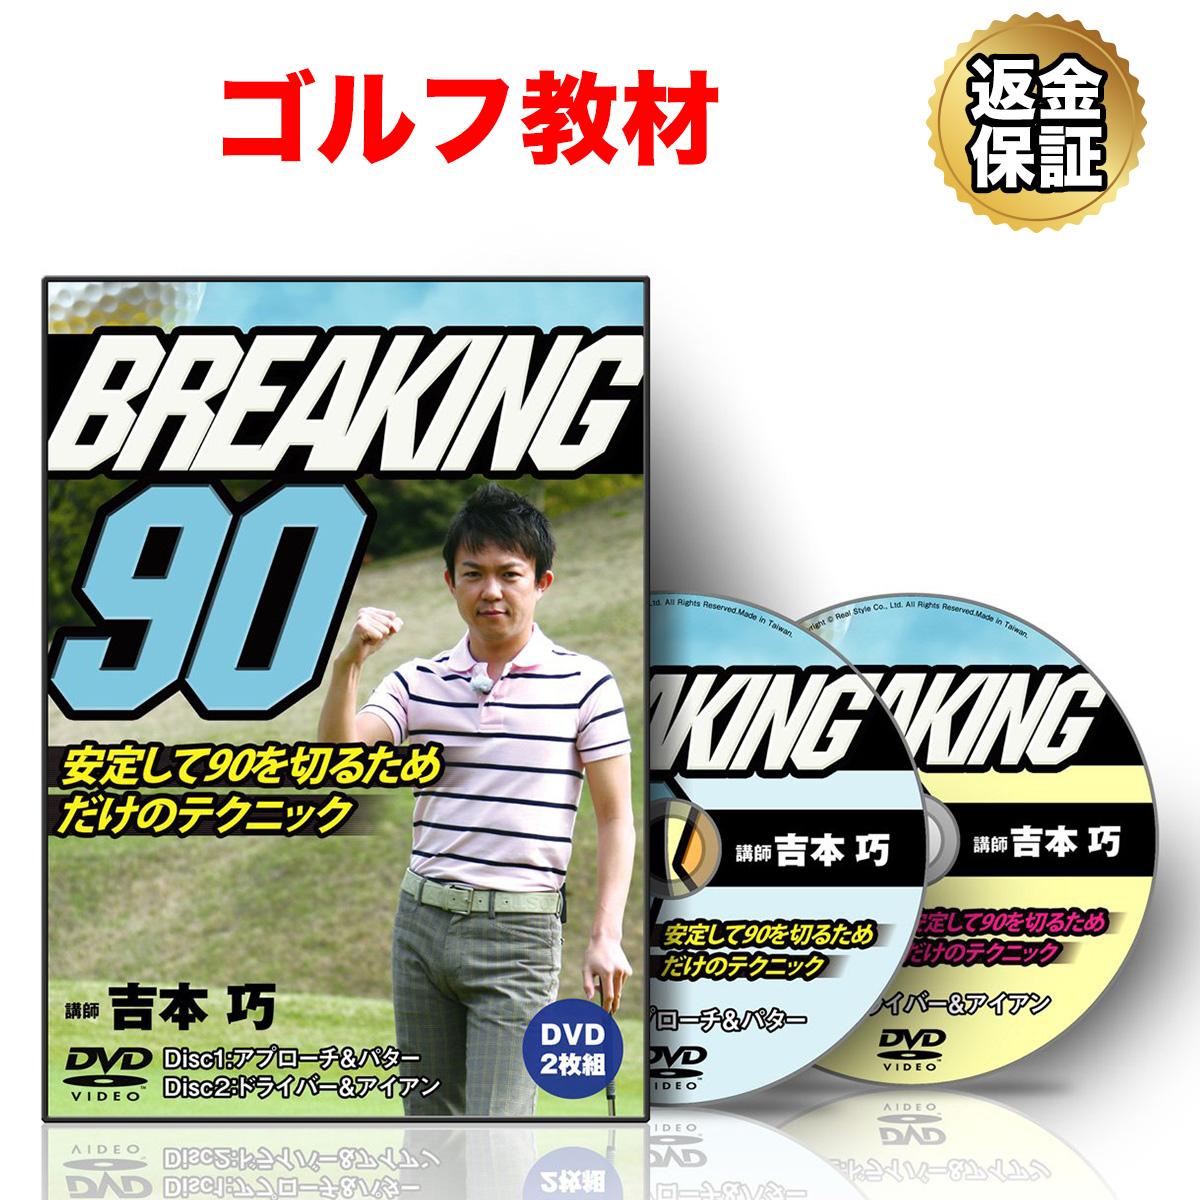 ゴルフ 教材 DVD 吉本巧の「BREAKING90」 ~安定して90を切るためだけのテクニック~